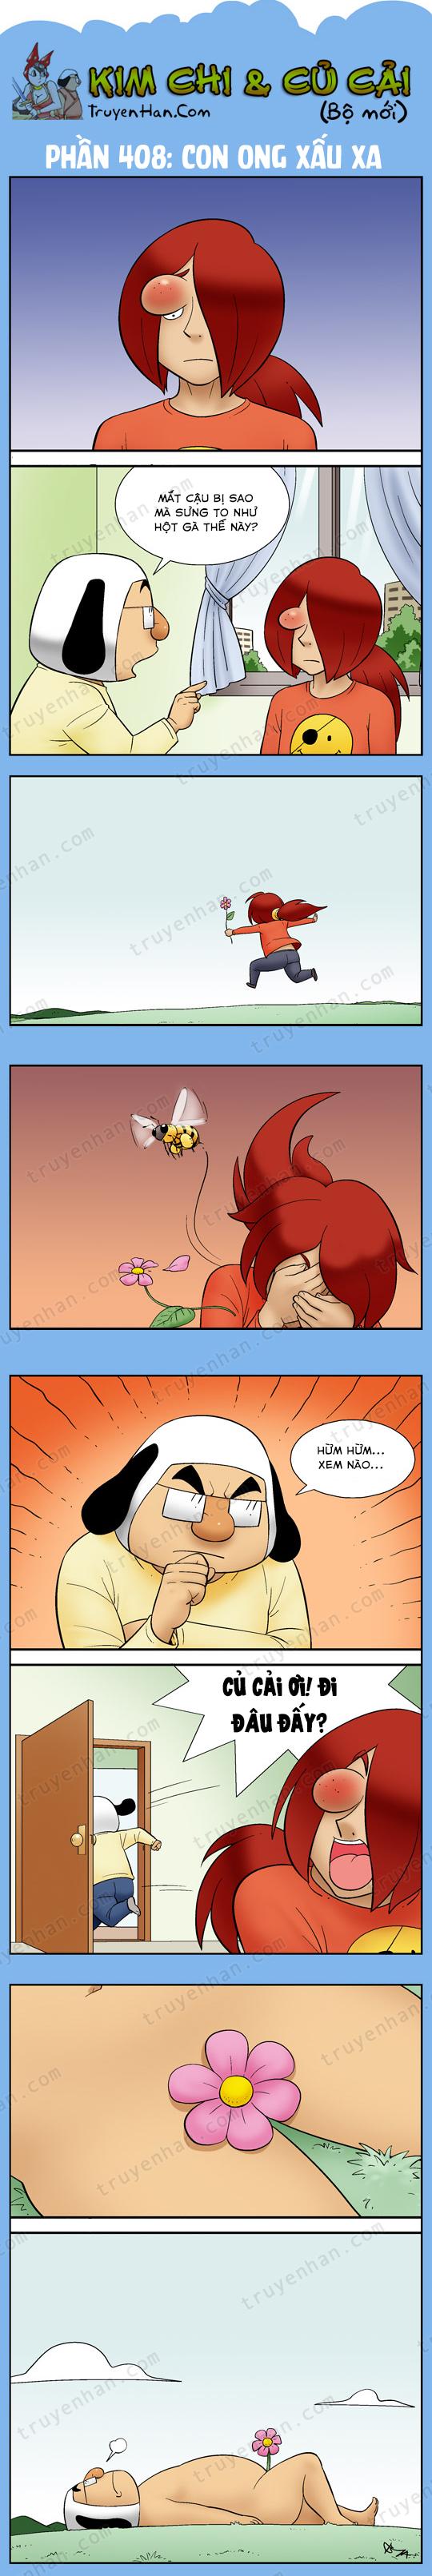 Kim Chi & Củ Cải (bộ mới) phần 408: Con ong xấu xa